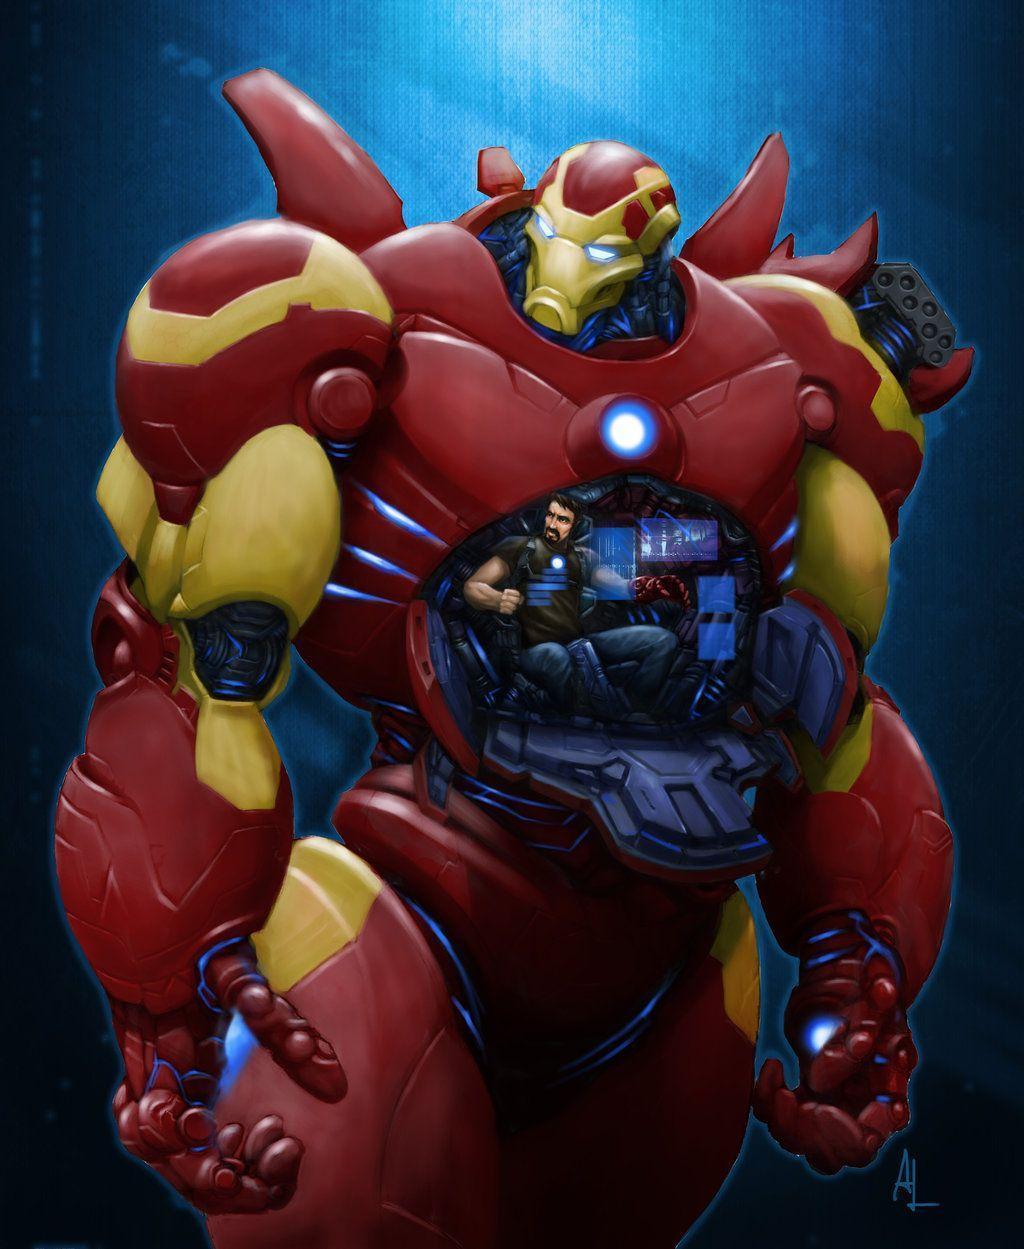 iron man suit drawing wallpaper